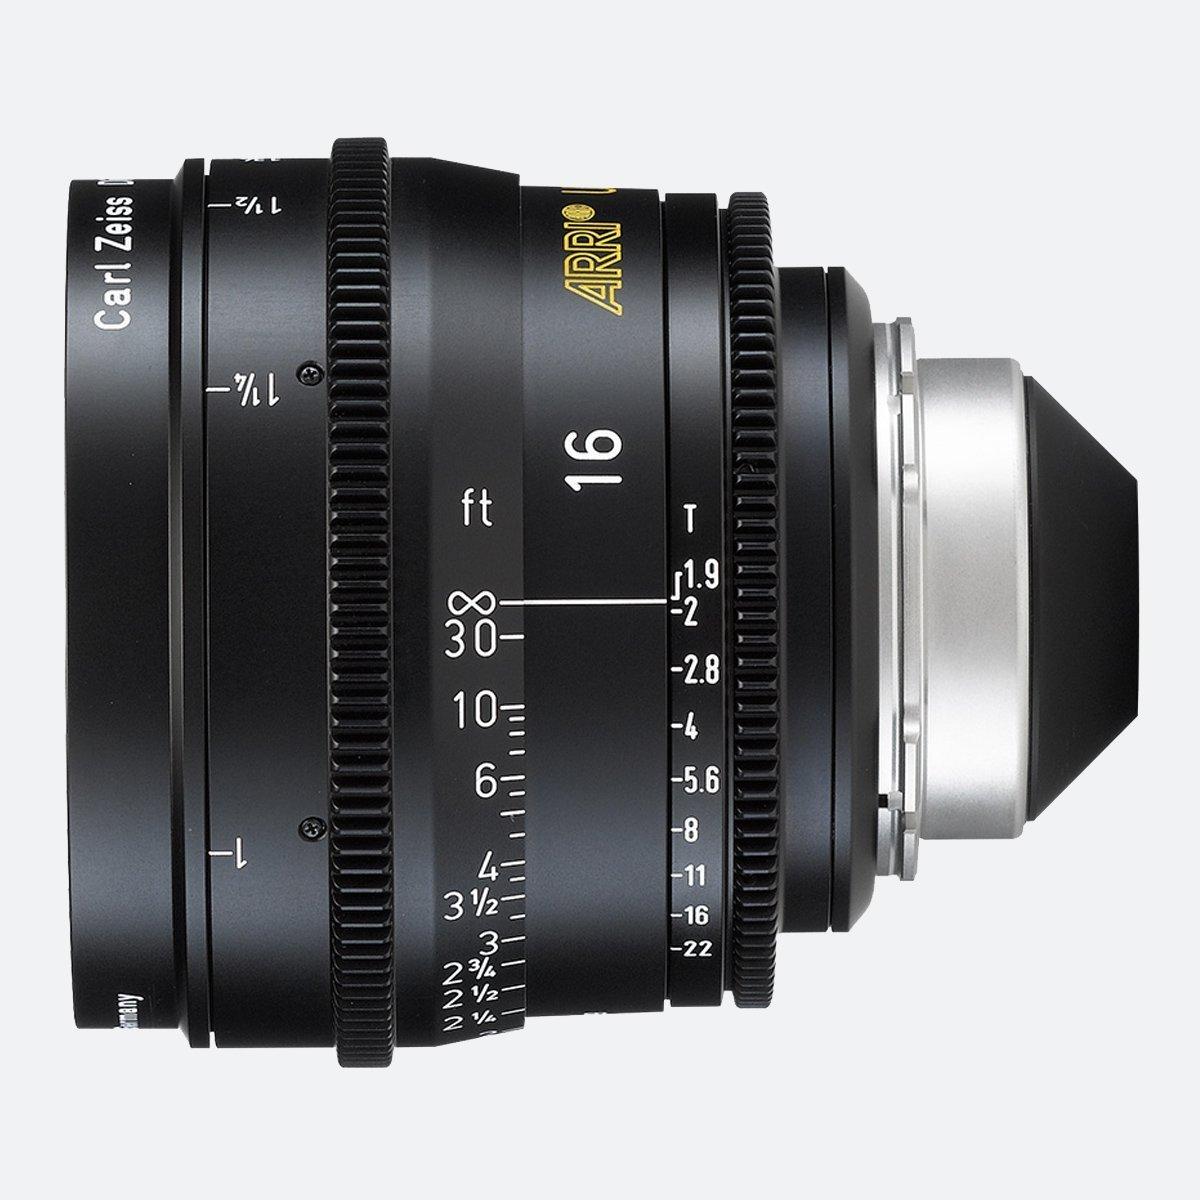 ARRI 16mm T1.9 Ultra Prime Lens